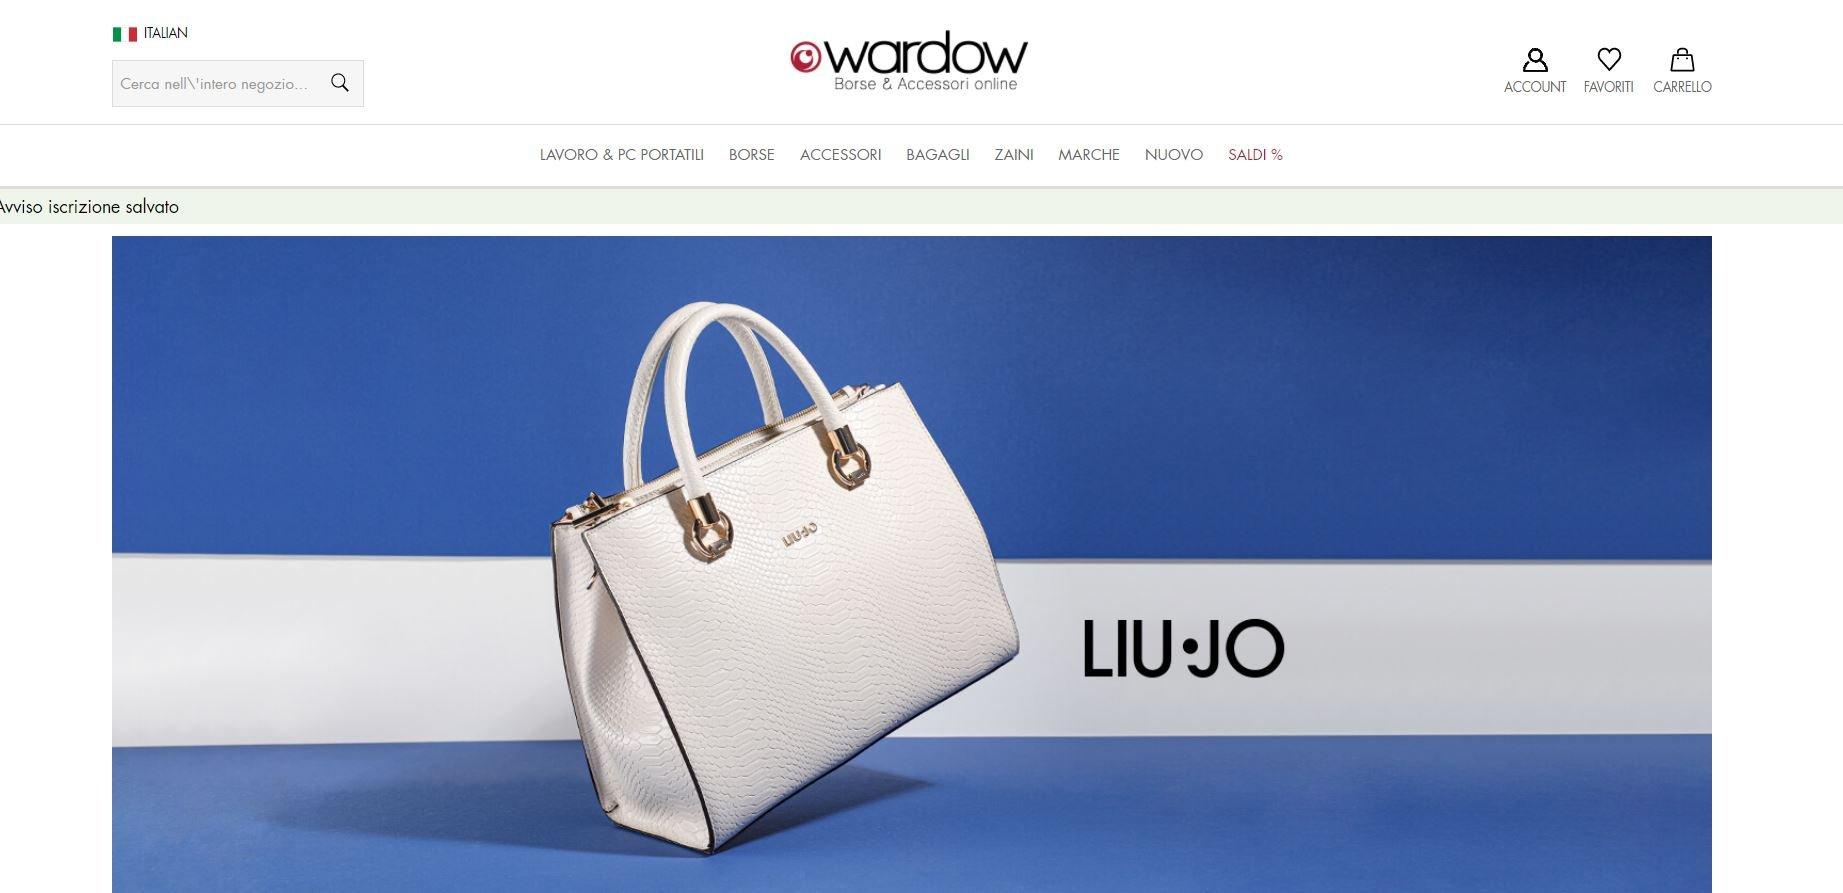 Wardow купити онлайн з доставкою в Україну - myMeest - 2